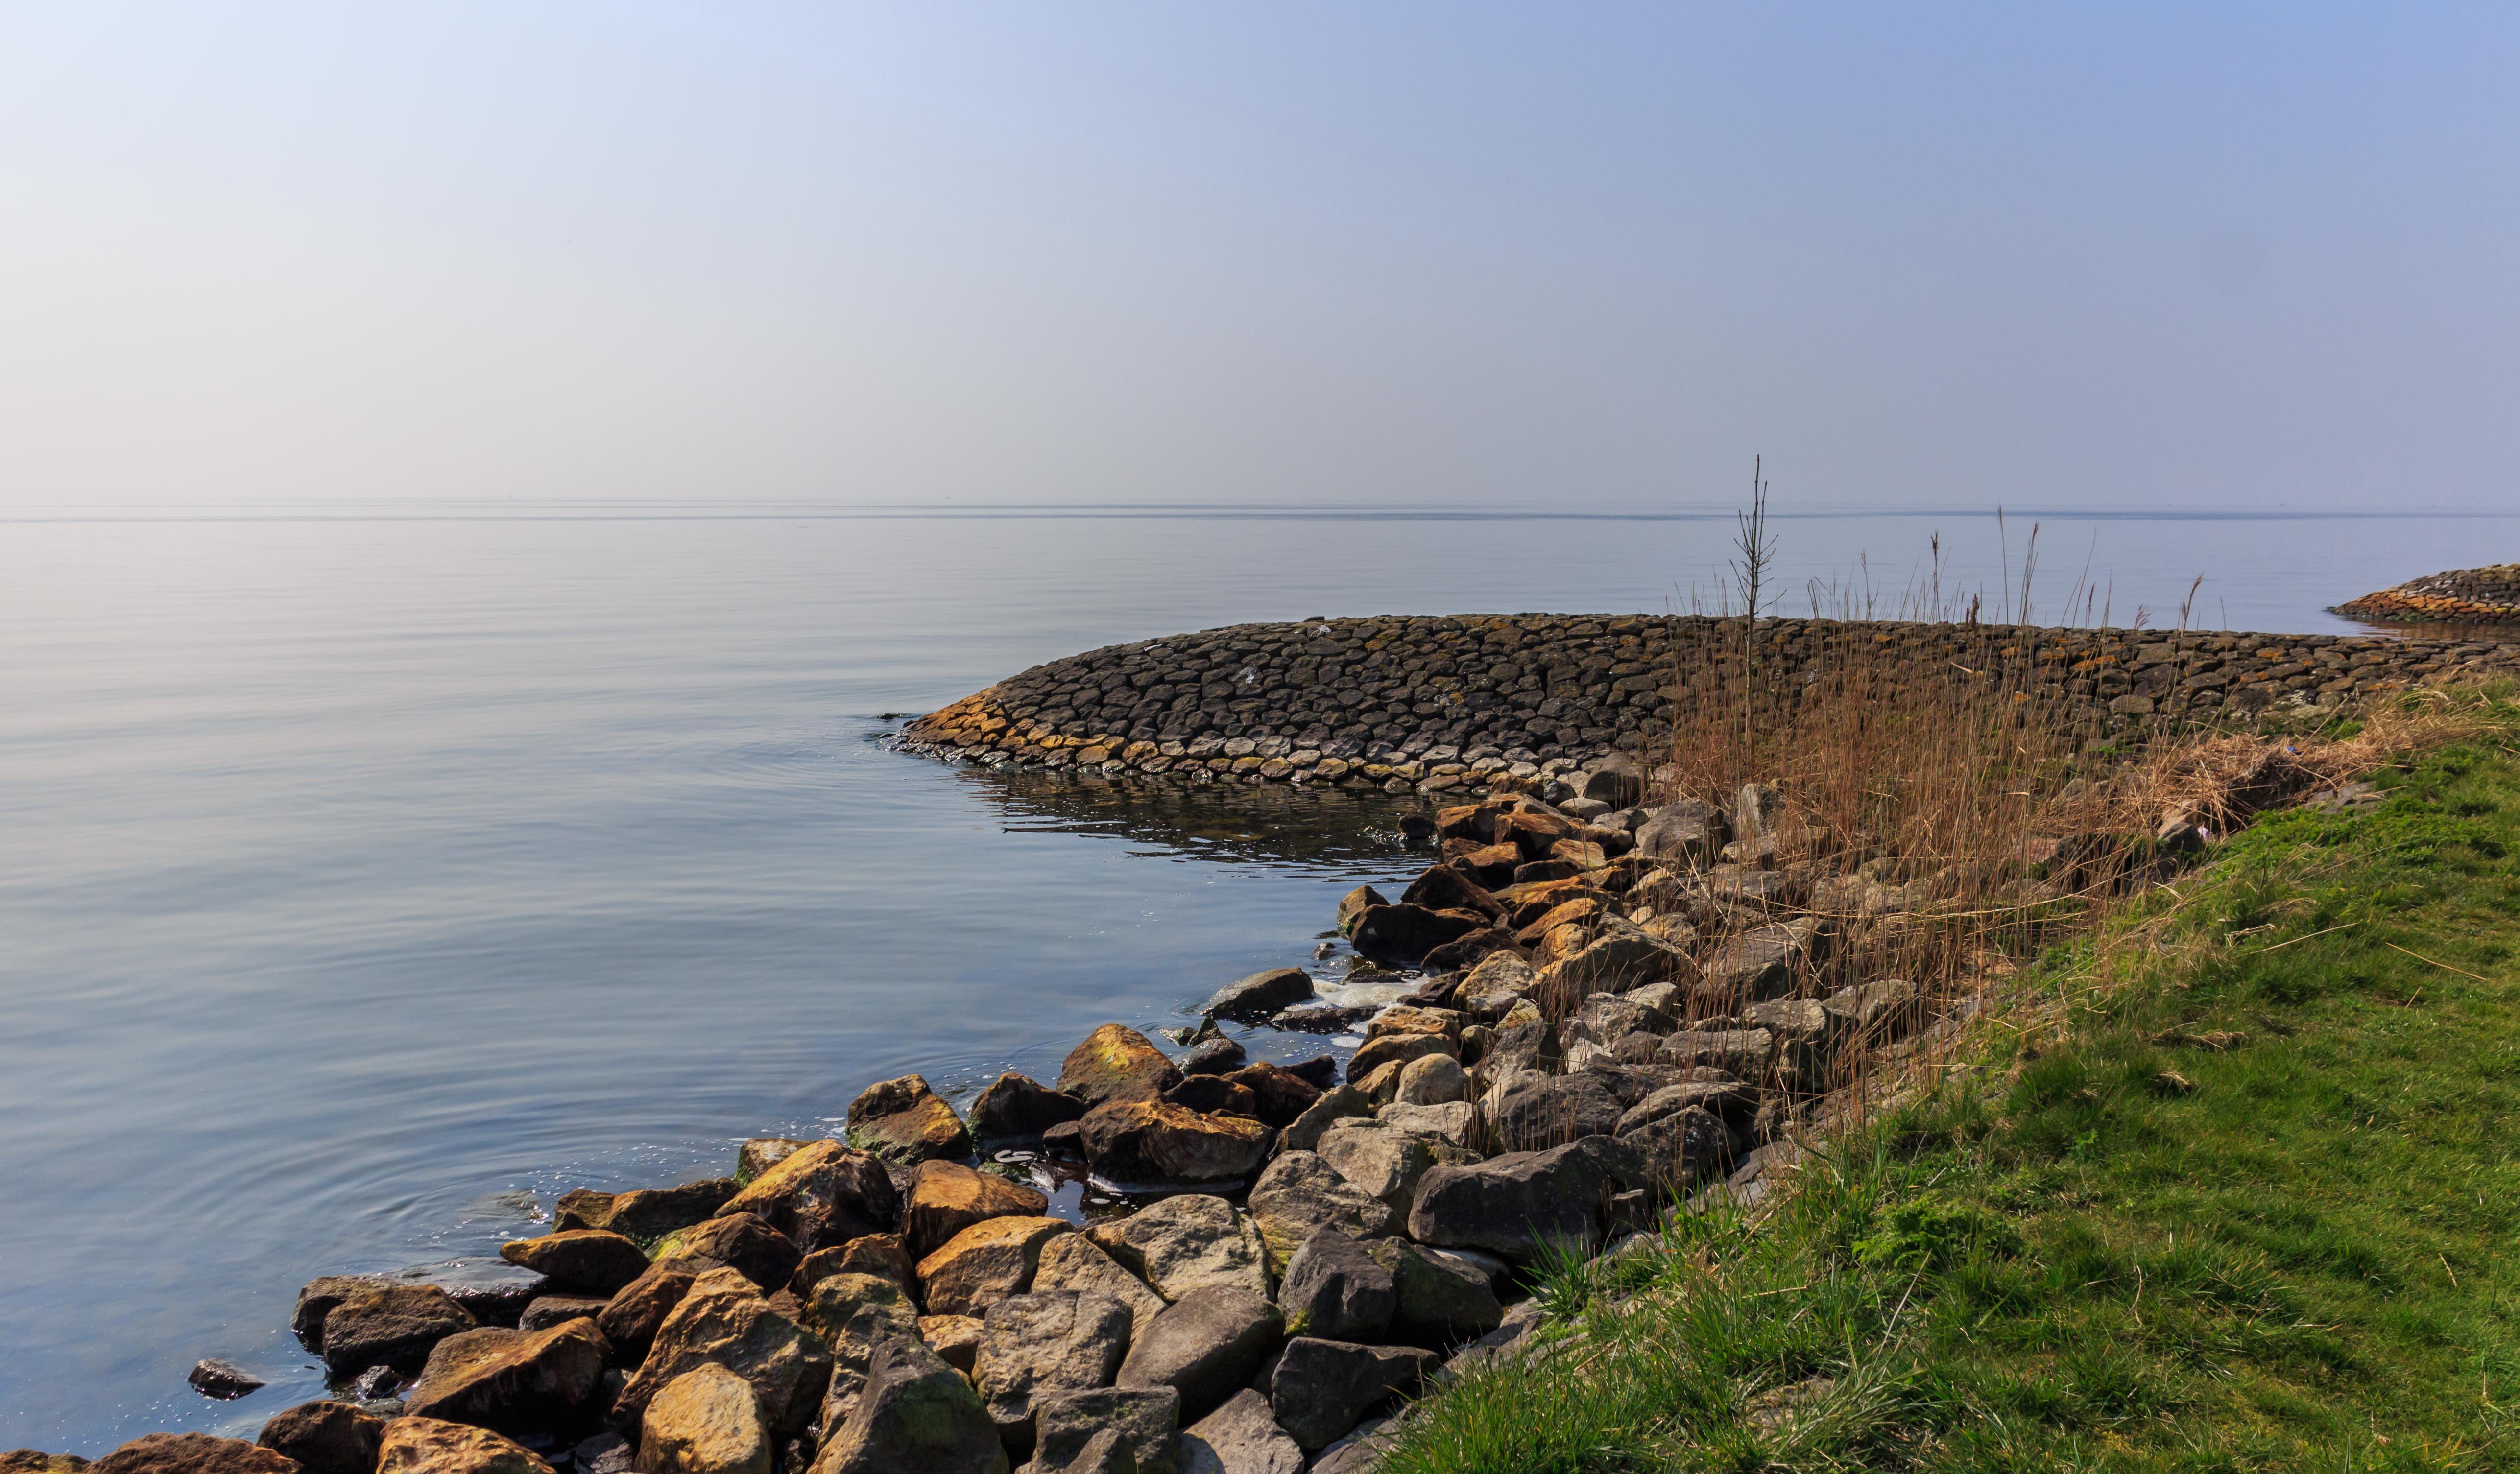 A reinforced embankment